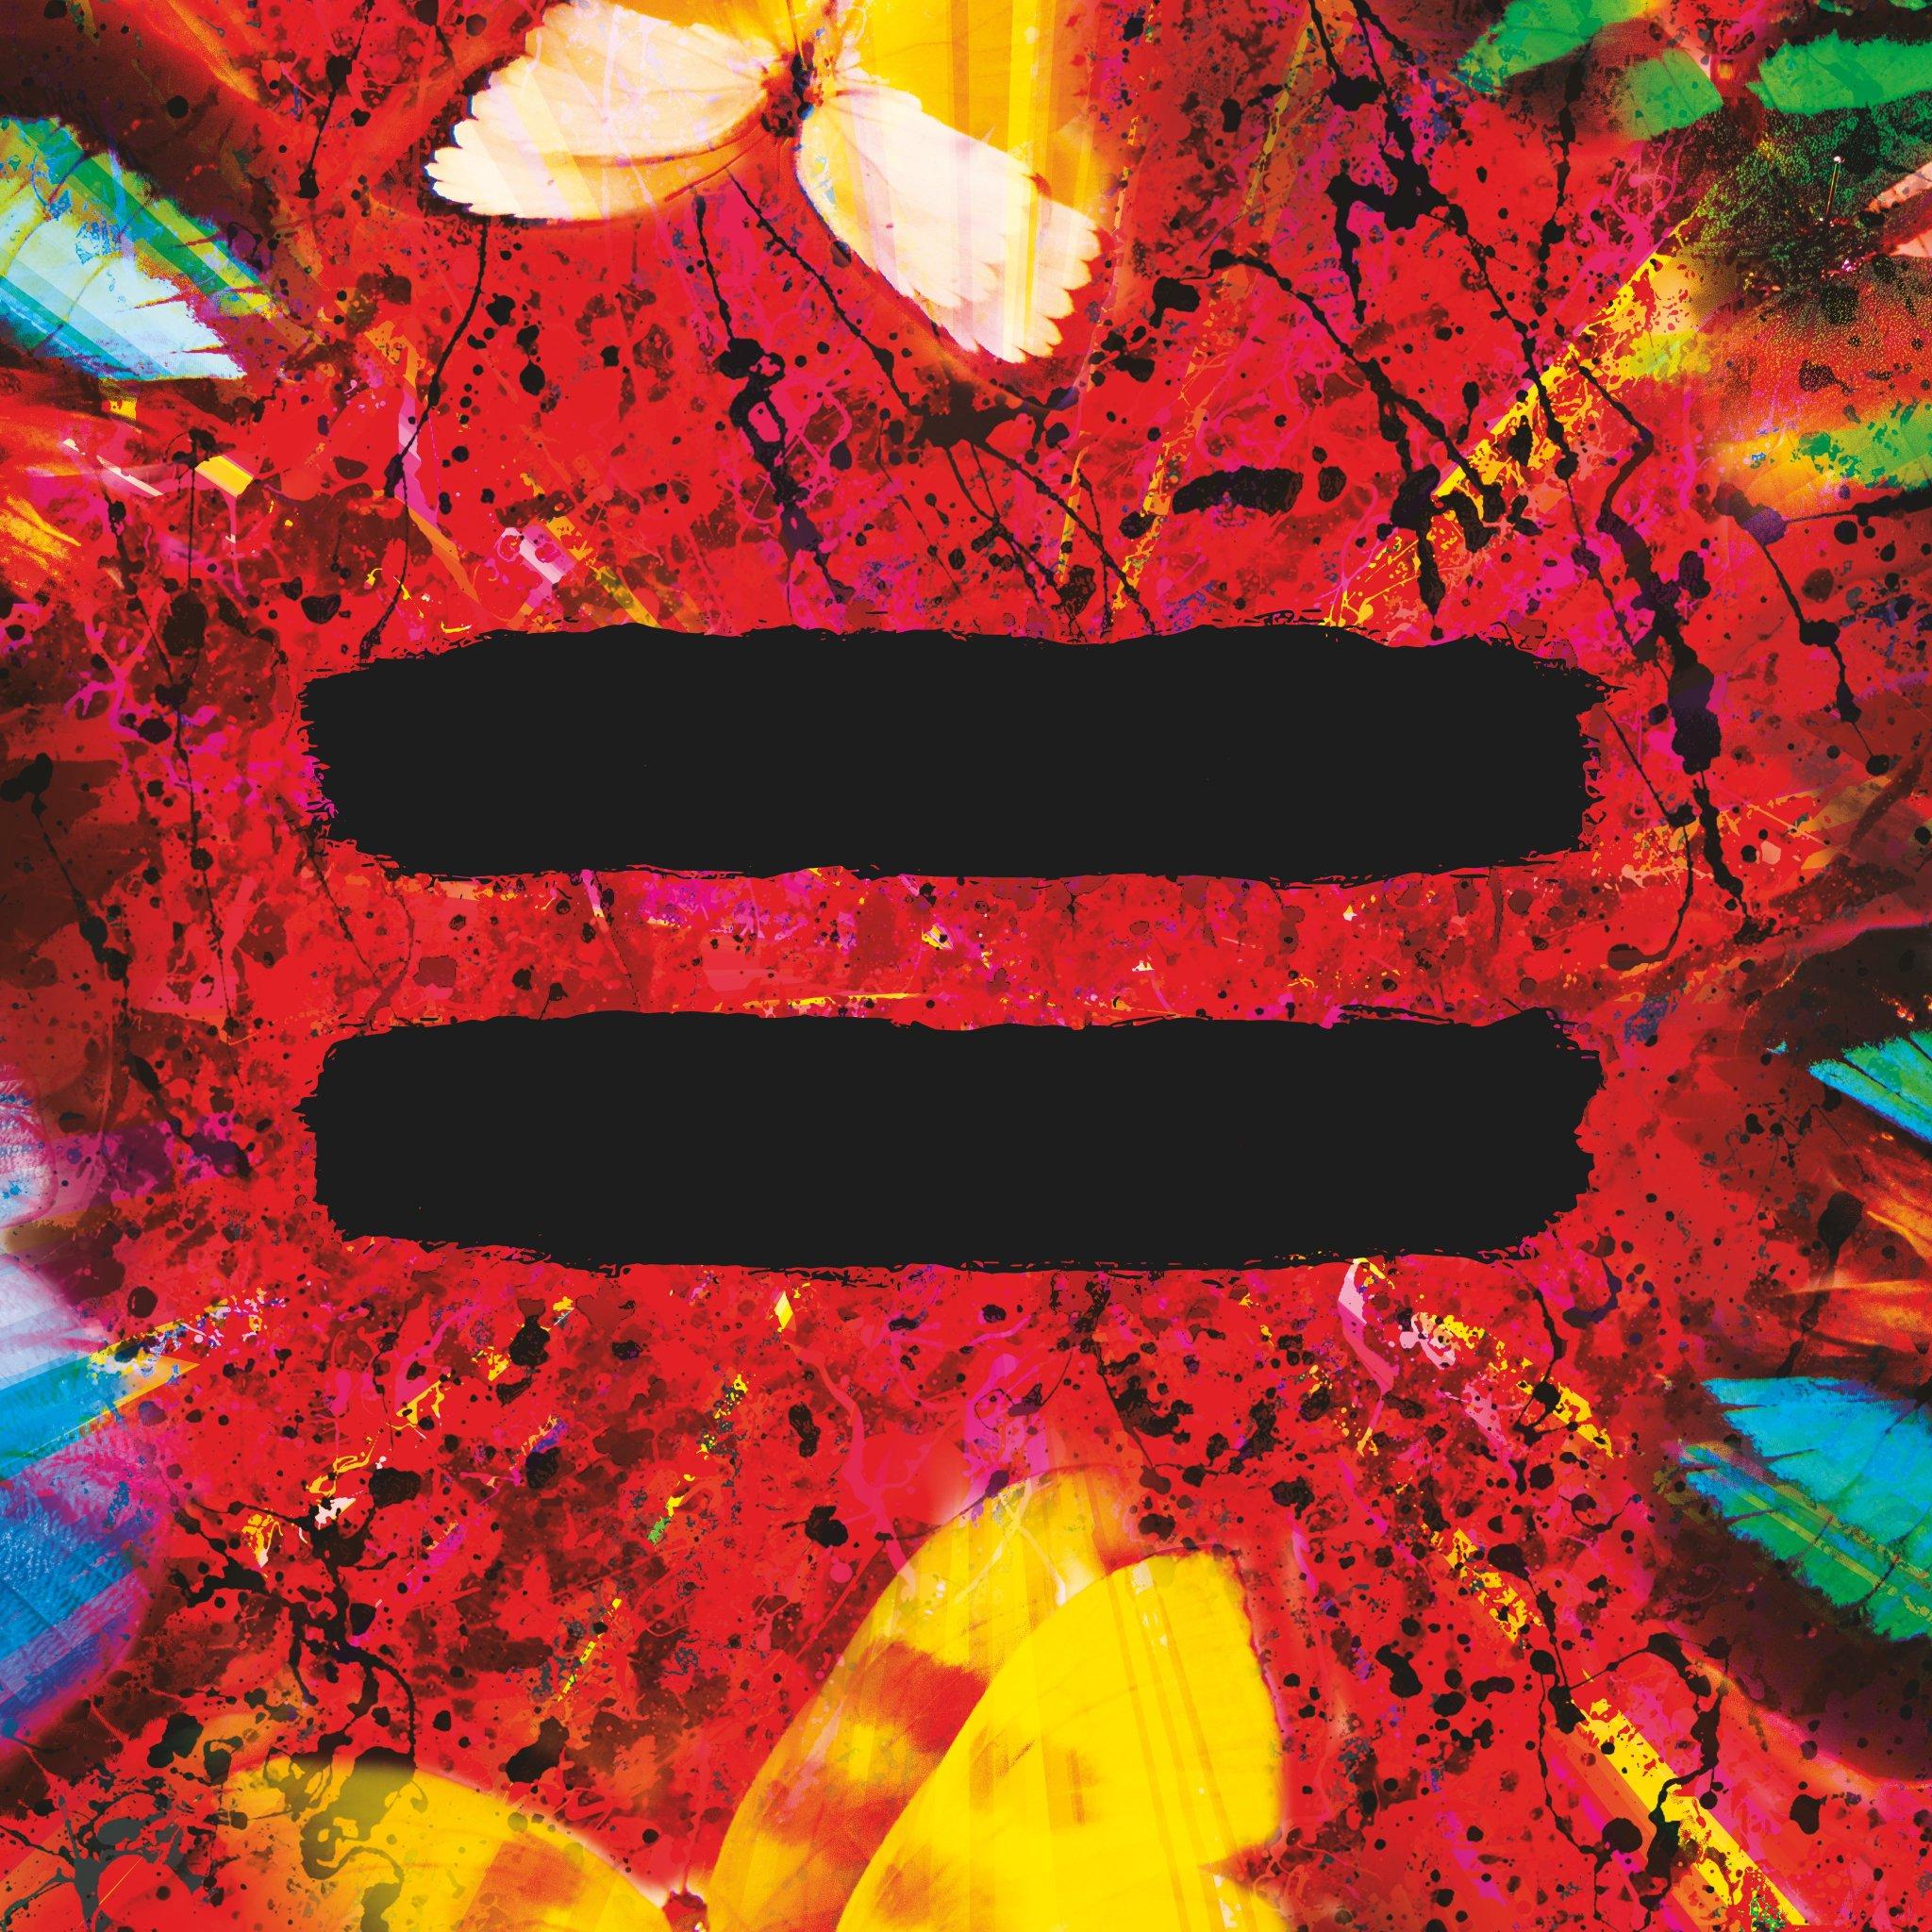 Ed Sheeran album cover